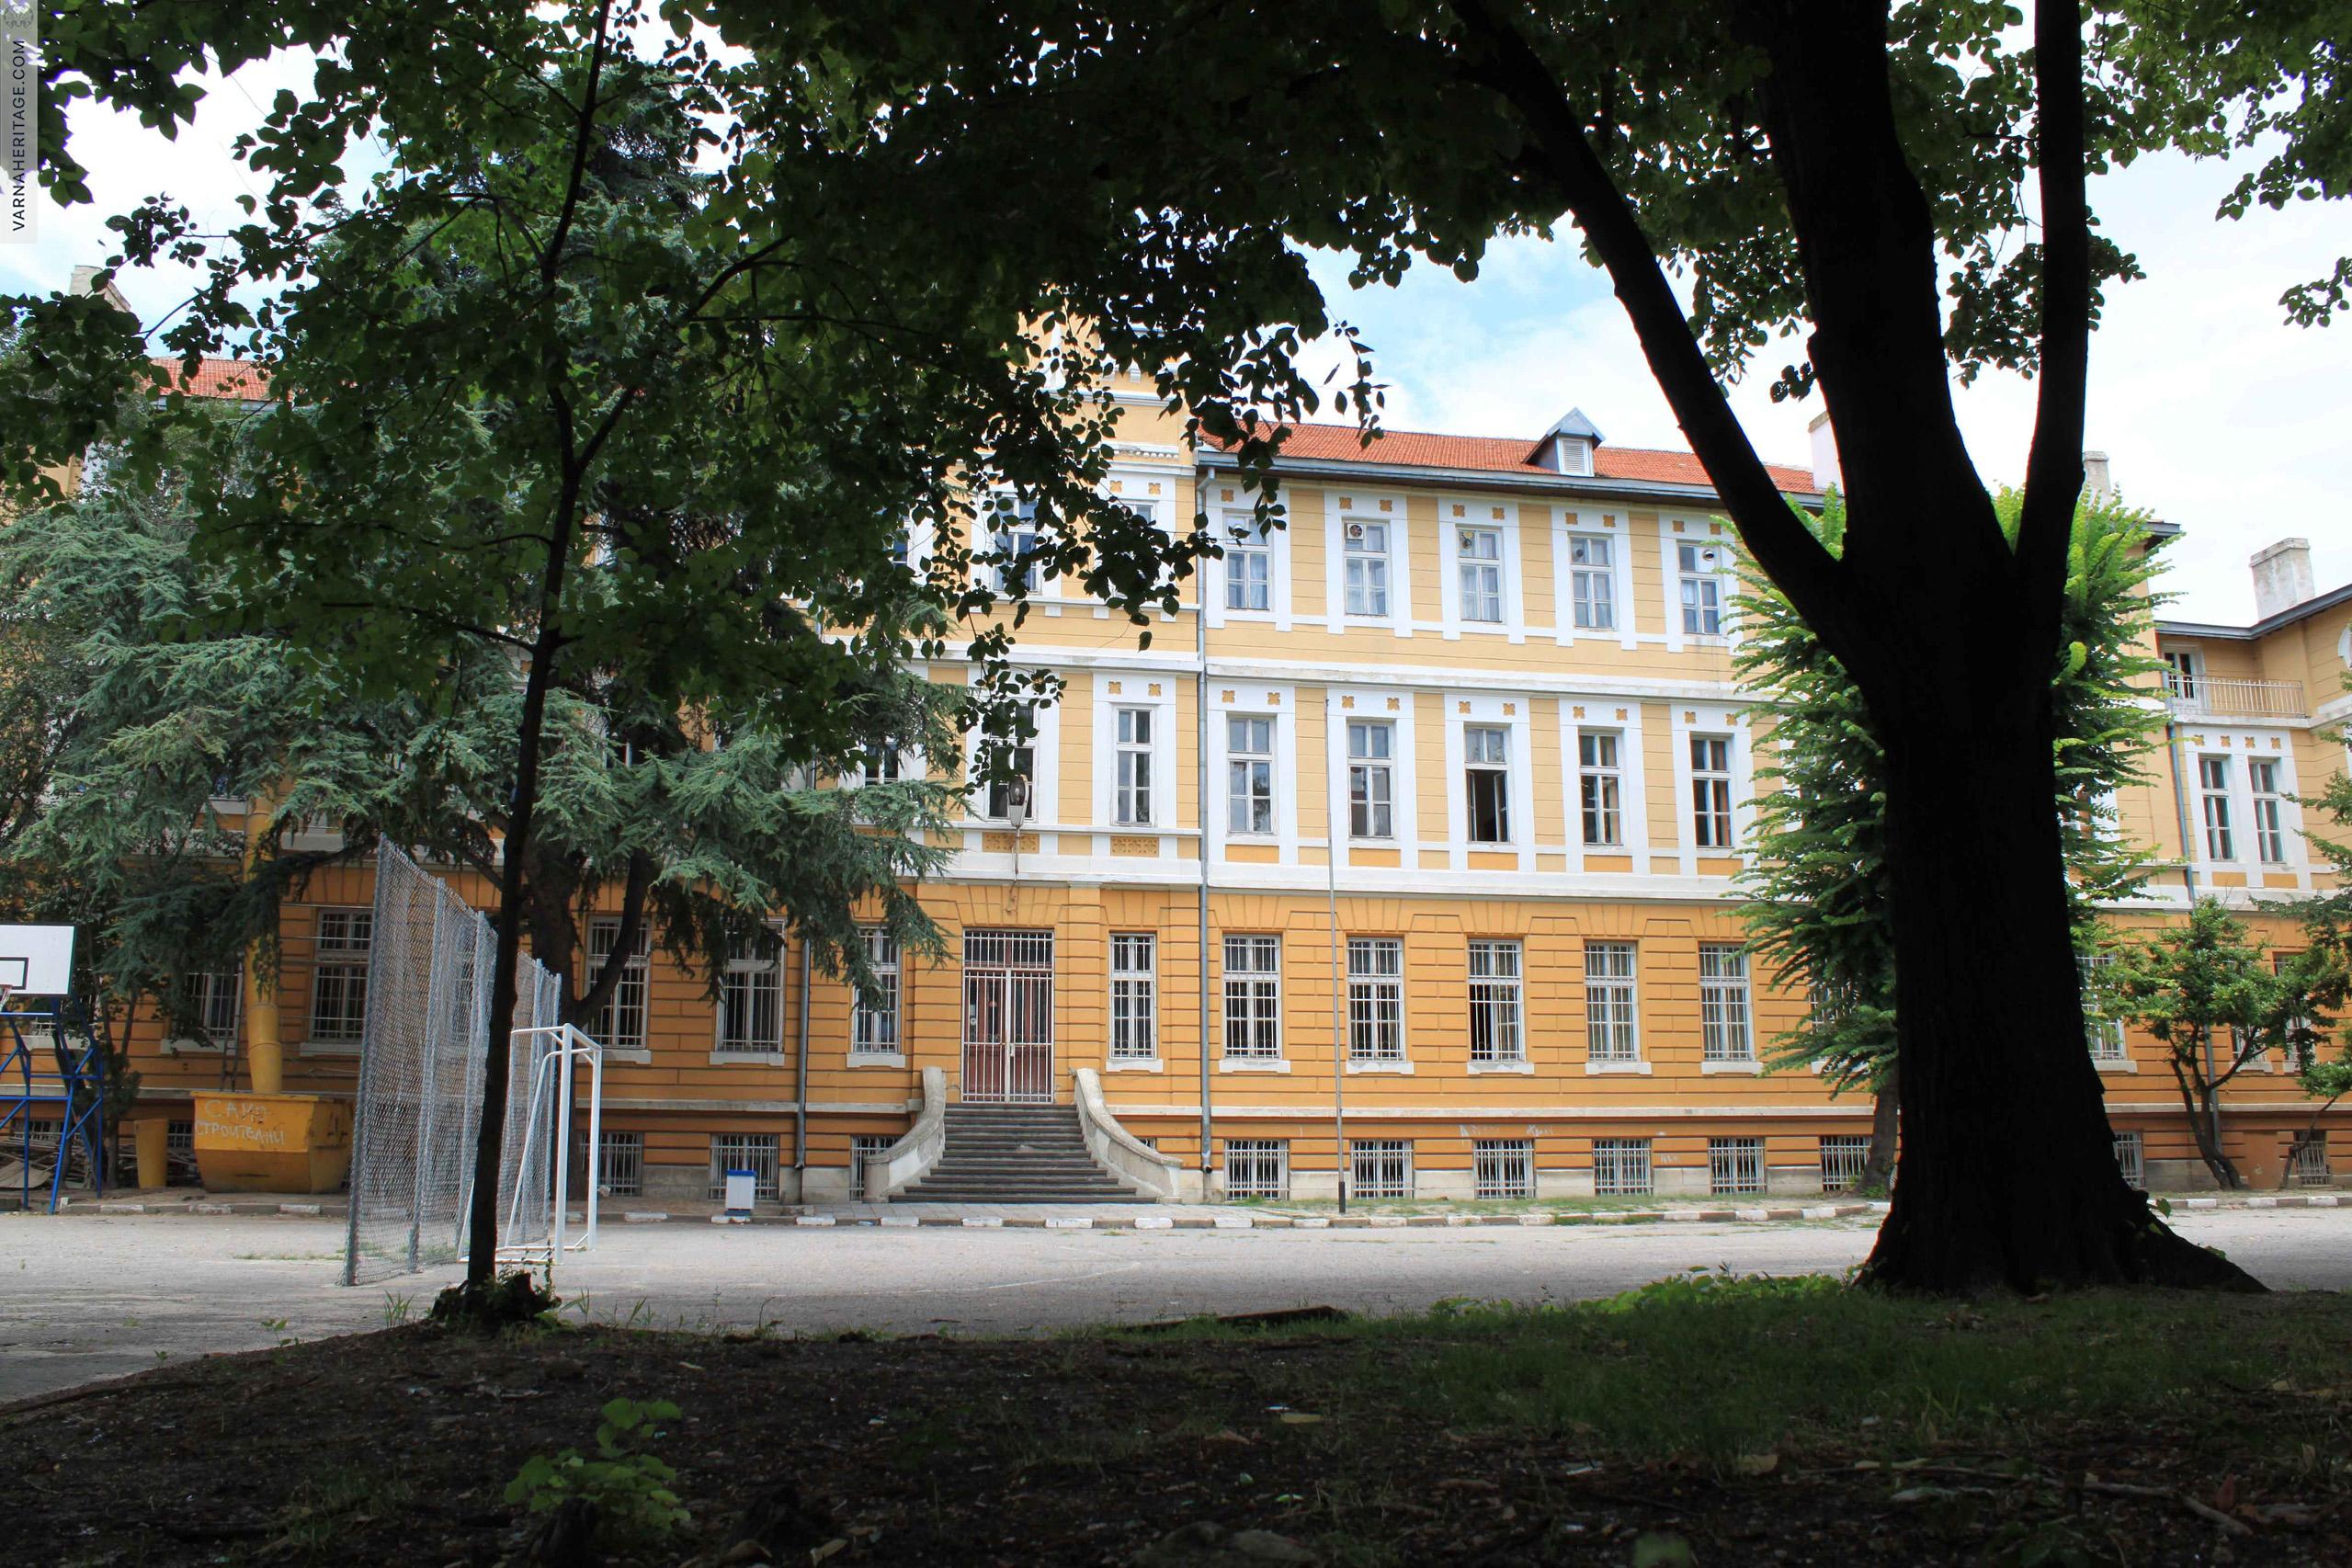 Снимка - 2015 г.